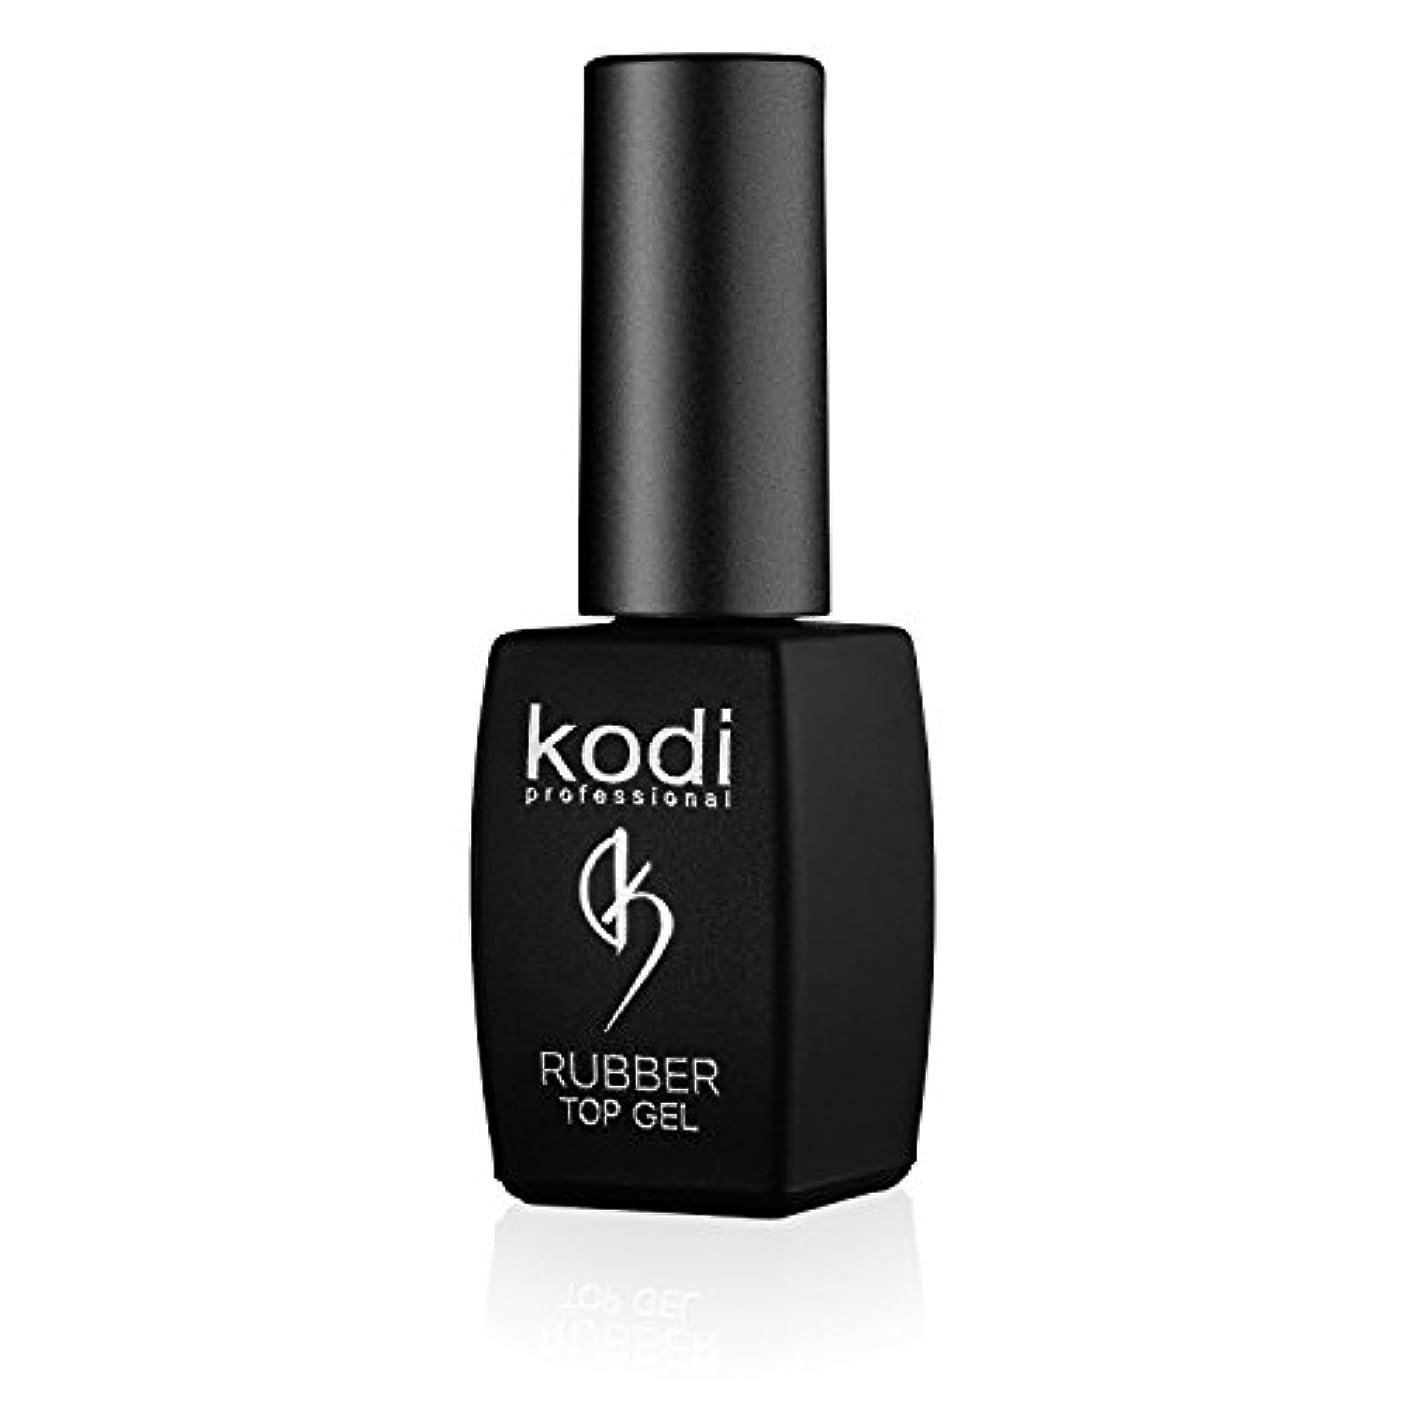 踊り子放置またProfessional Rubber Top Gel By Kodi | 8ml 0.27 oz | Soak Off, Polish Fingernails Coat Kit | For Long Lasting Nails...